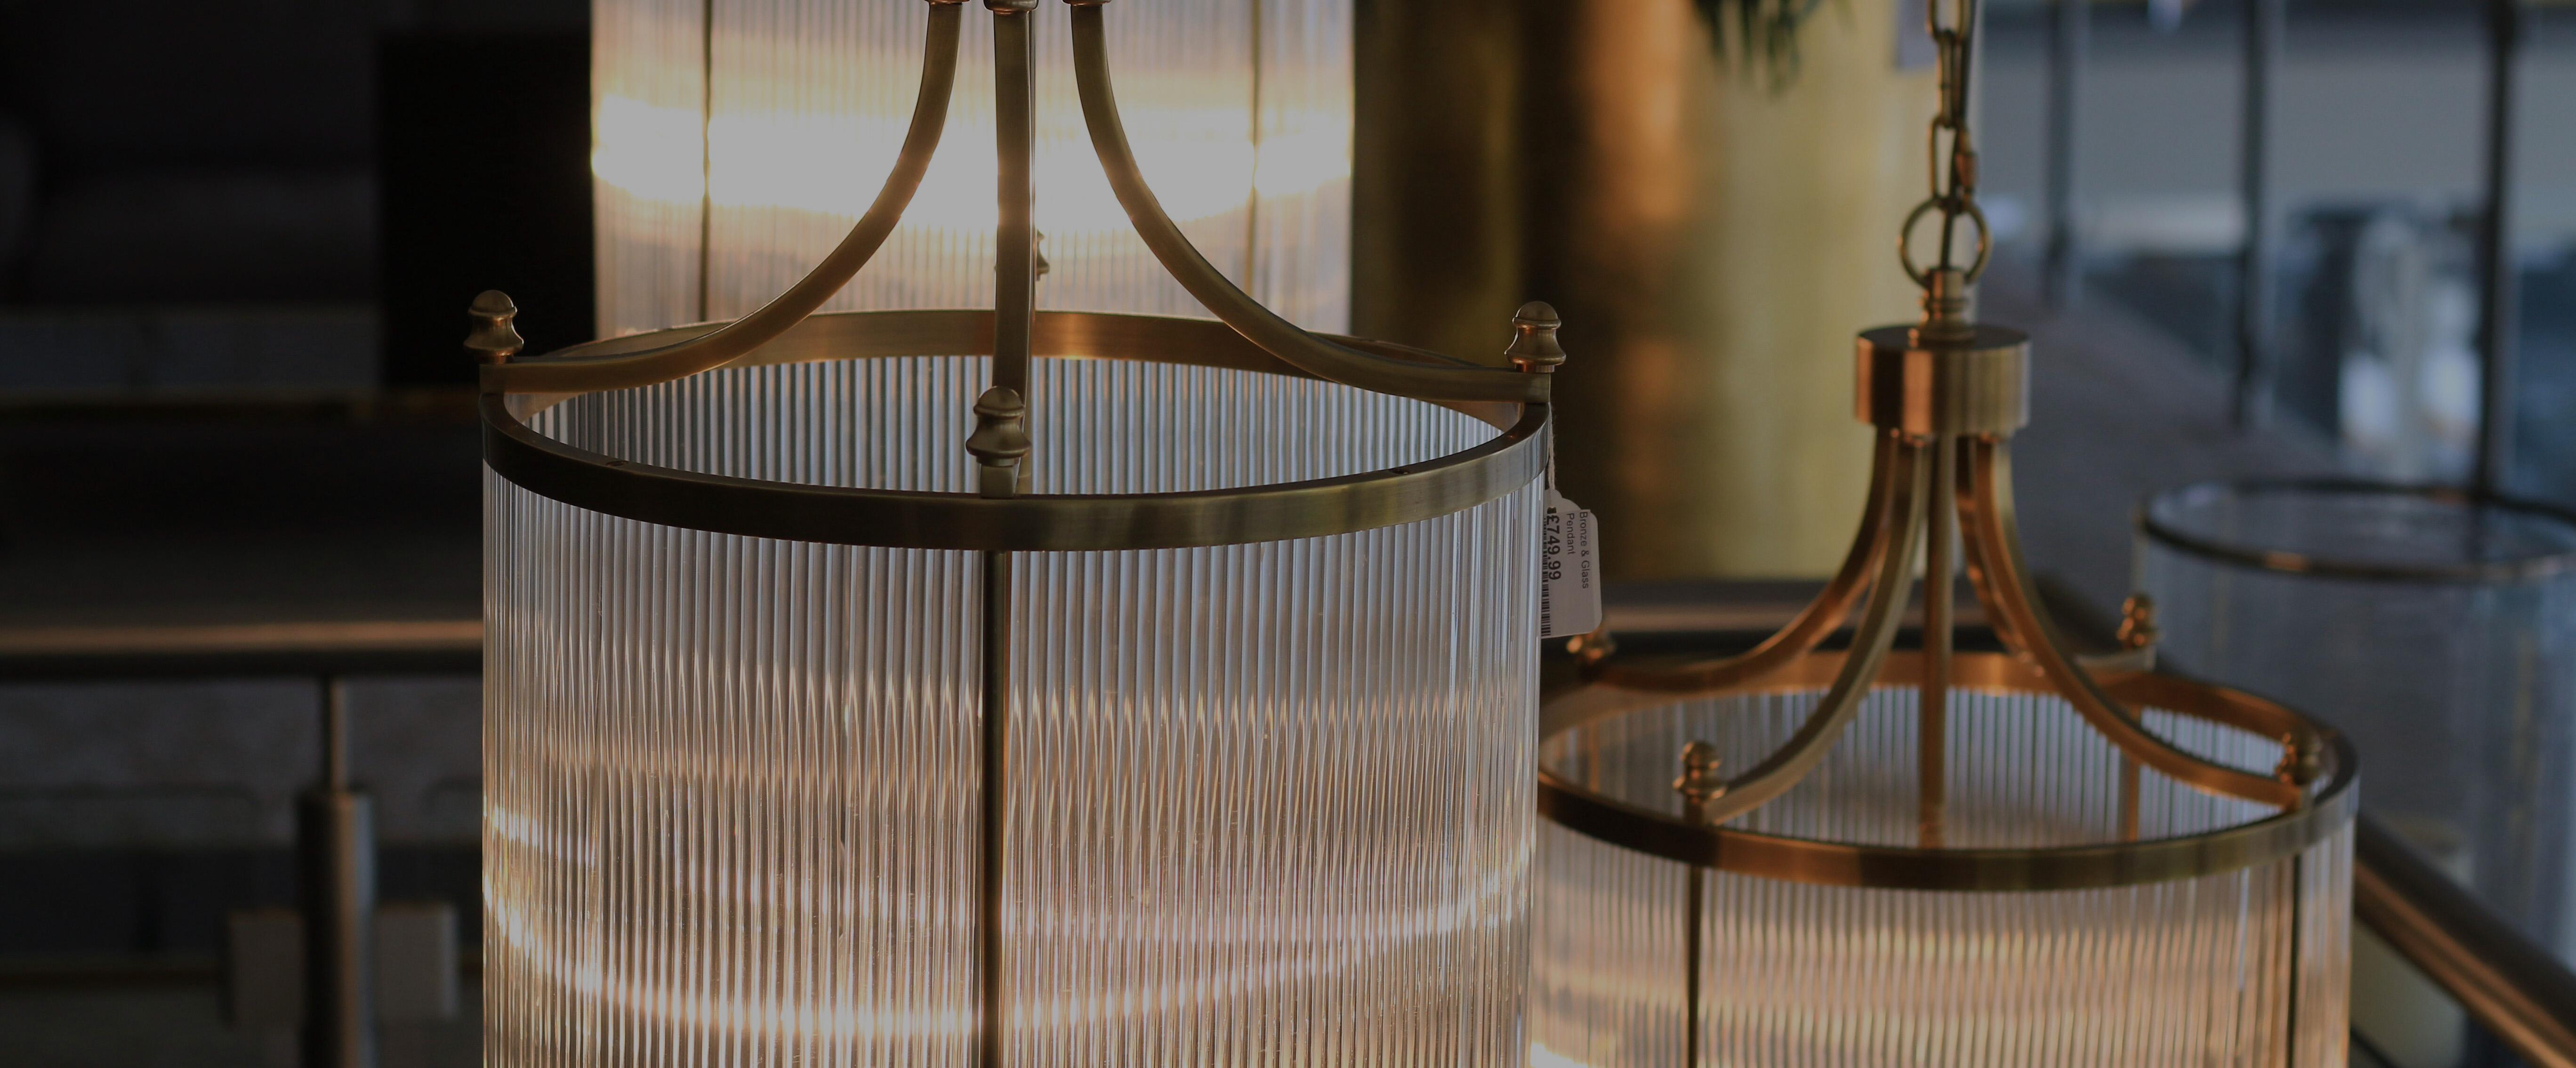 Lighting design | 3 hanging lanterns